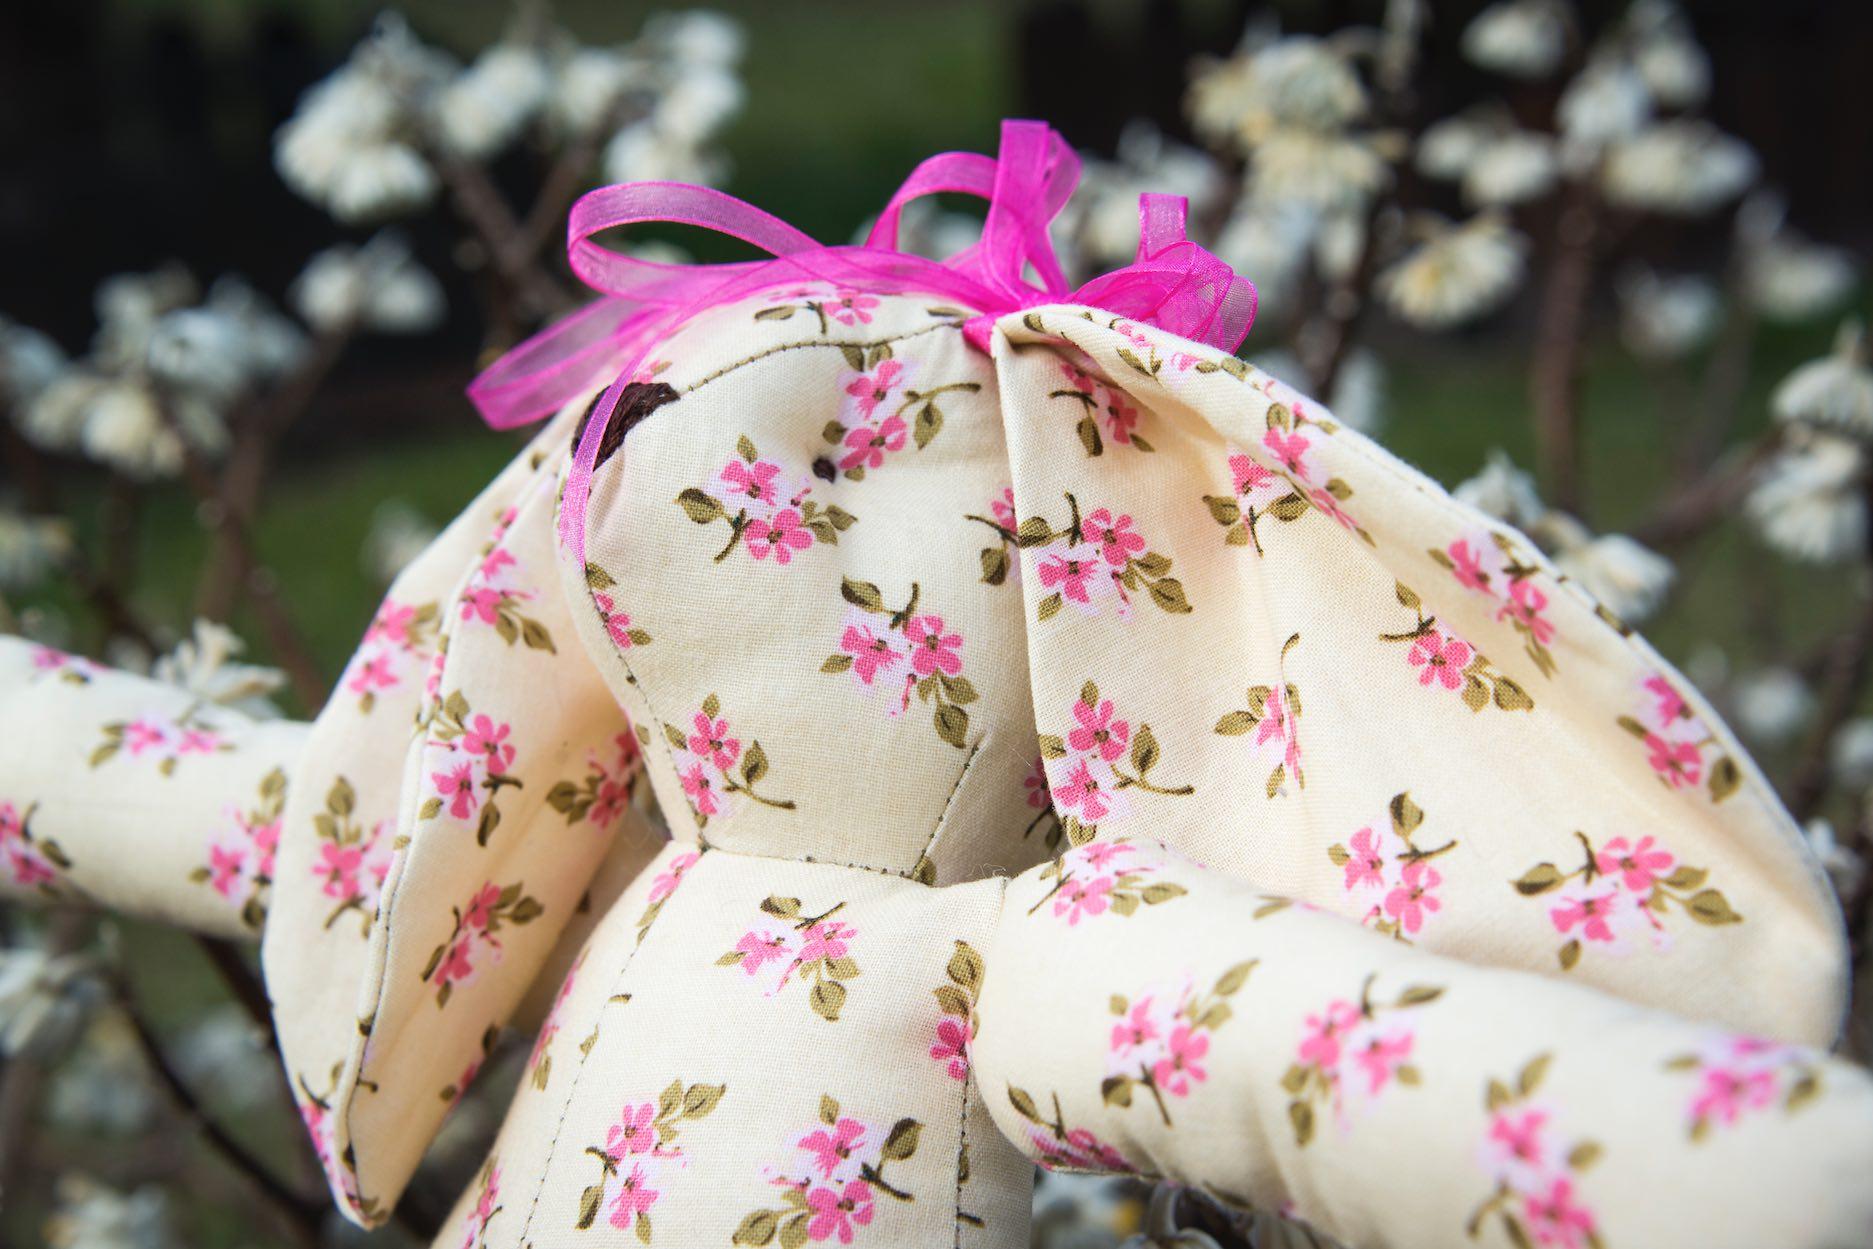 Come cucire un Coniglio in stoffa con Cartamodello - Anna Borrelli 03a71294310a